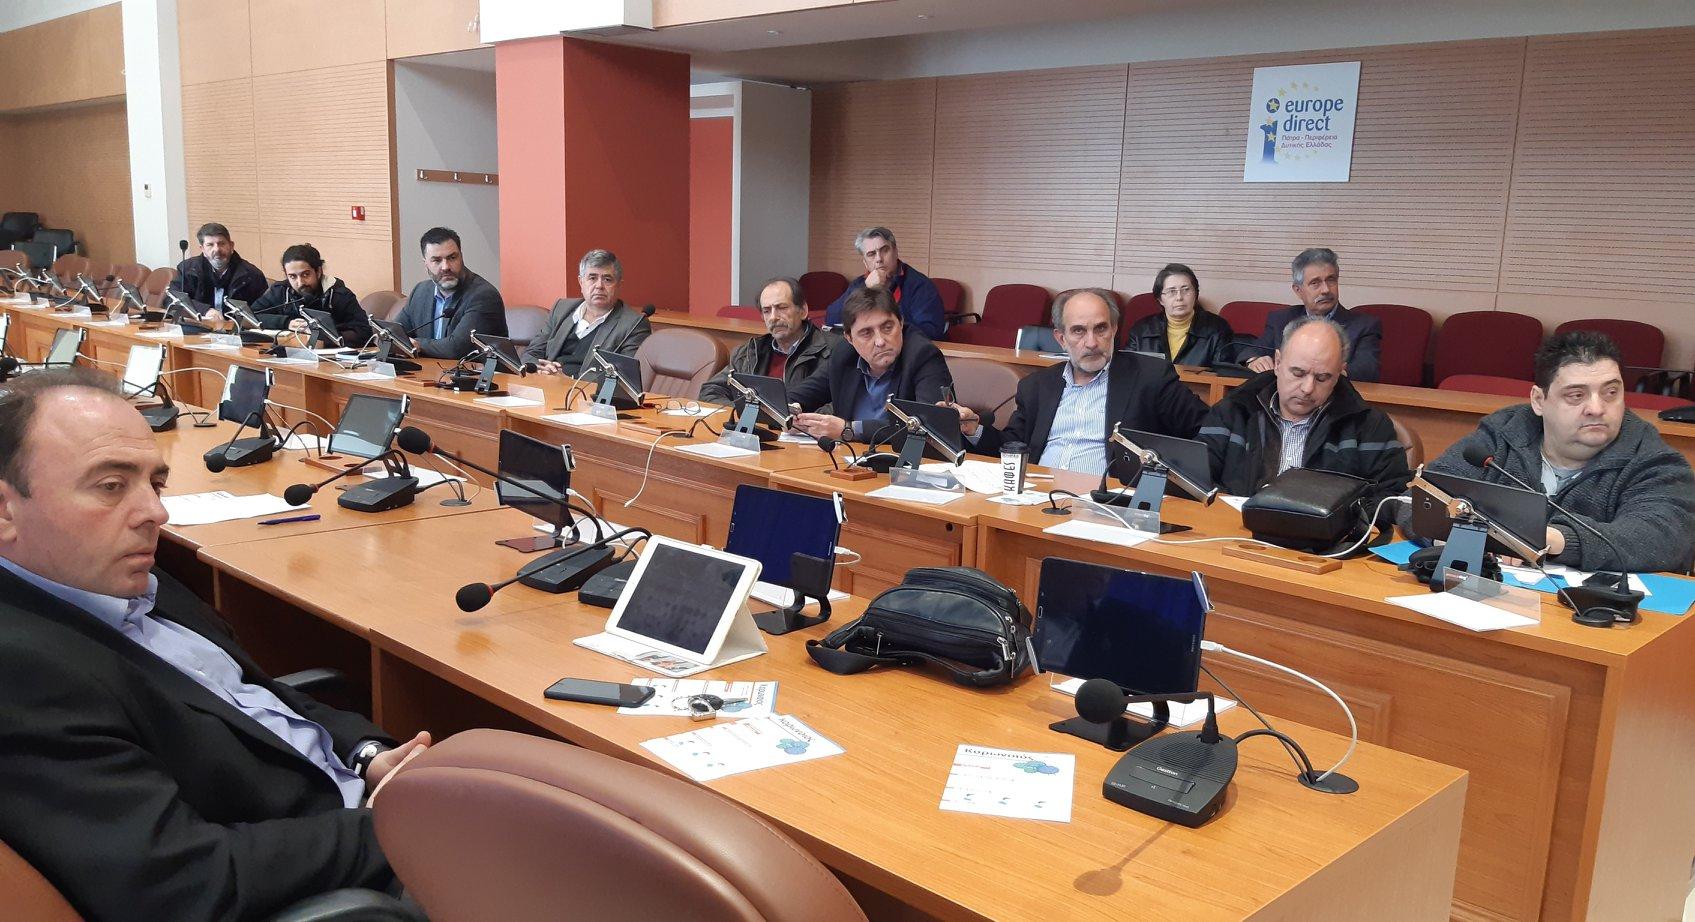 ΠΔΕ: Ενημέρωση των περιφερειακών παρατάξεων, ανά Περιφερειακή Ενότητα, για τα μέτρα που λαμβάνονται για τον κορωνοϊό και τον ρόλο της Περιφέρειας Δυτικής Ελλάδας